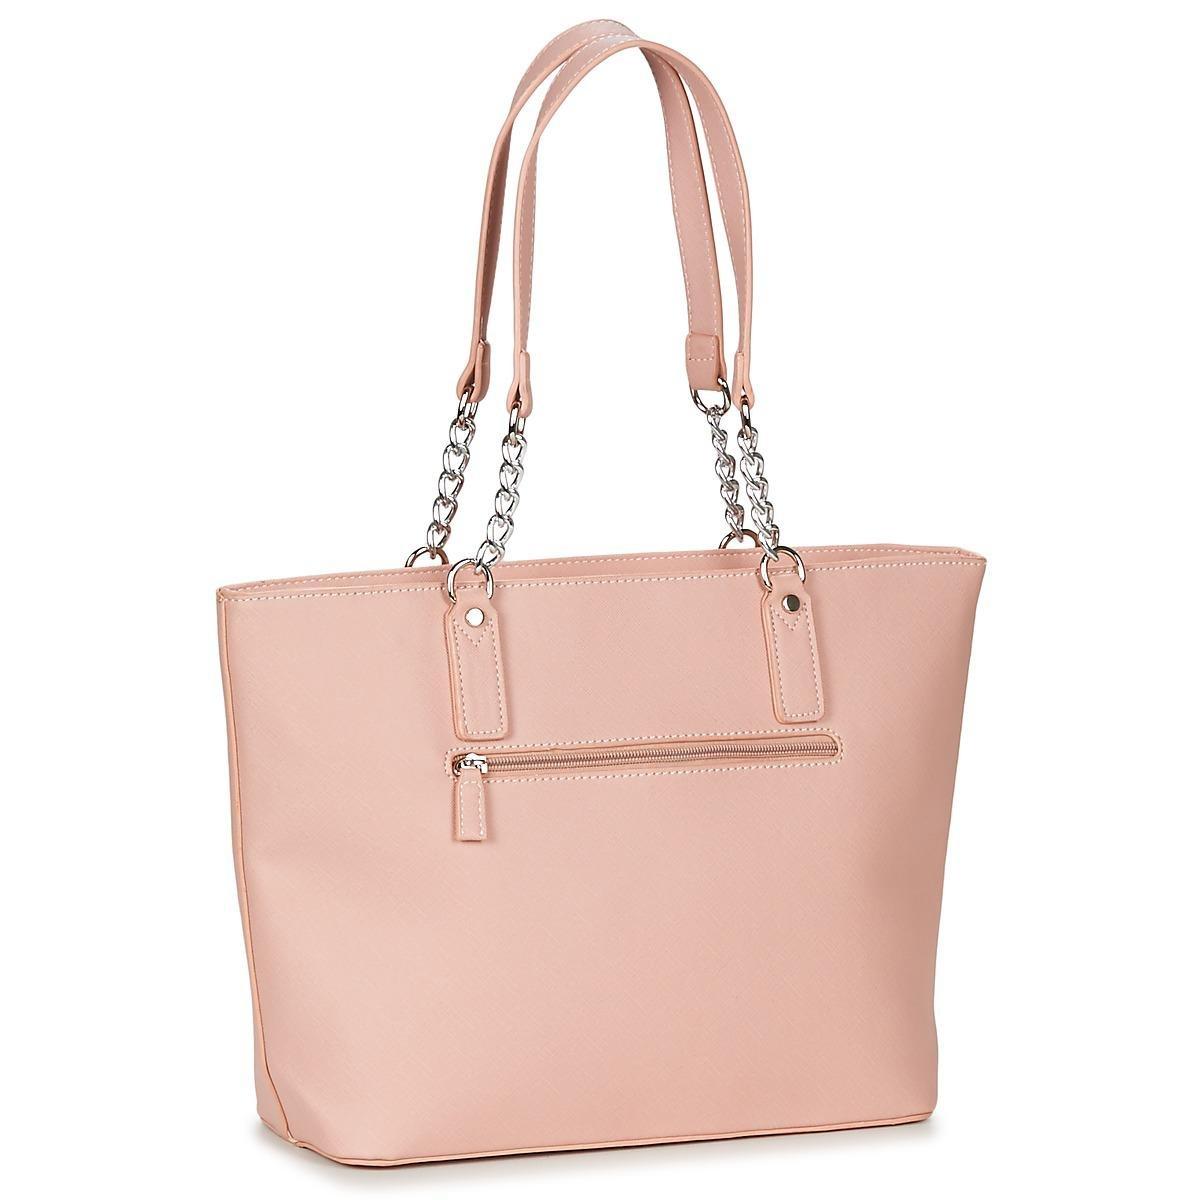 d6b2683df9 David Jones - Women s Shoulder Bag In Pink in Pink - Lyst